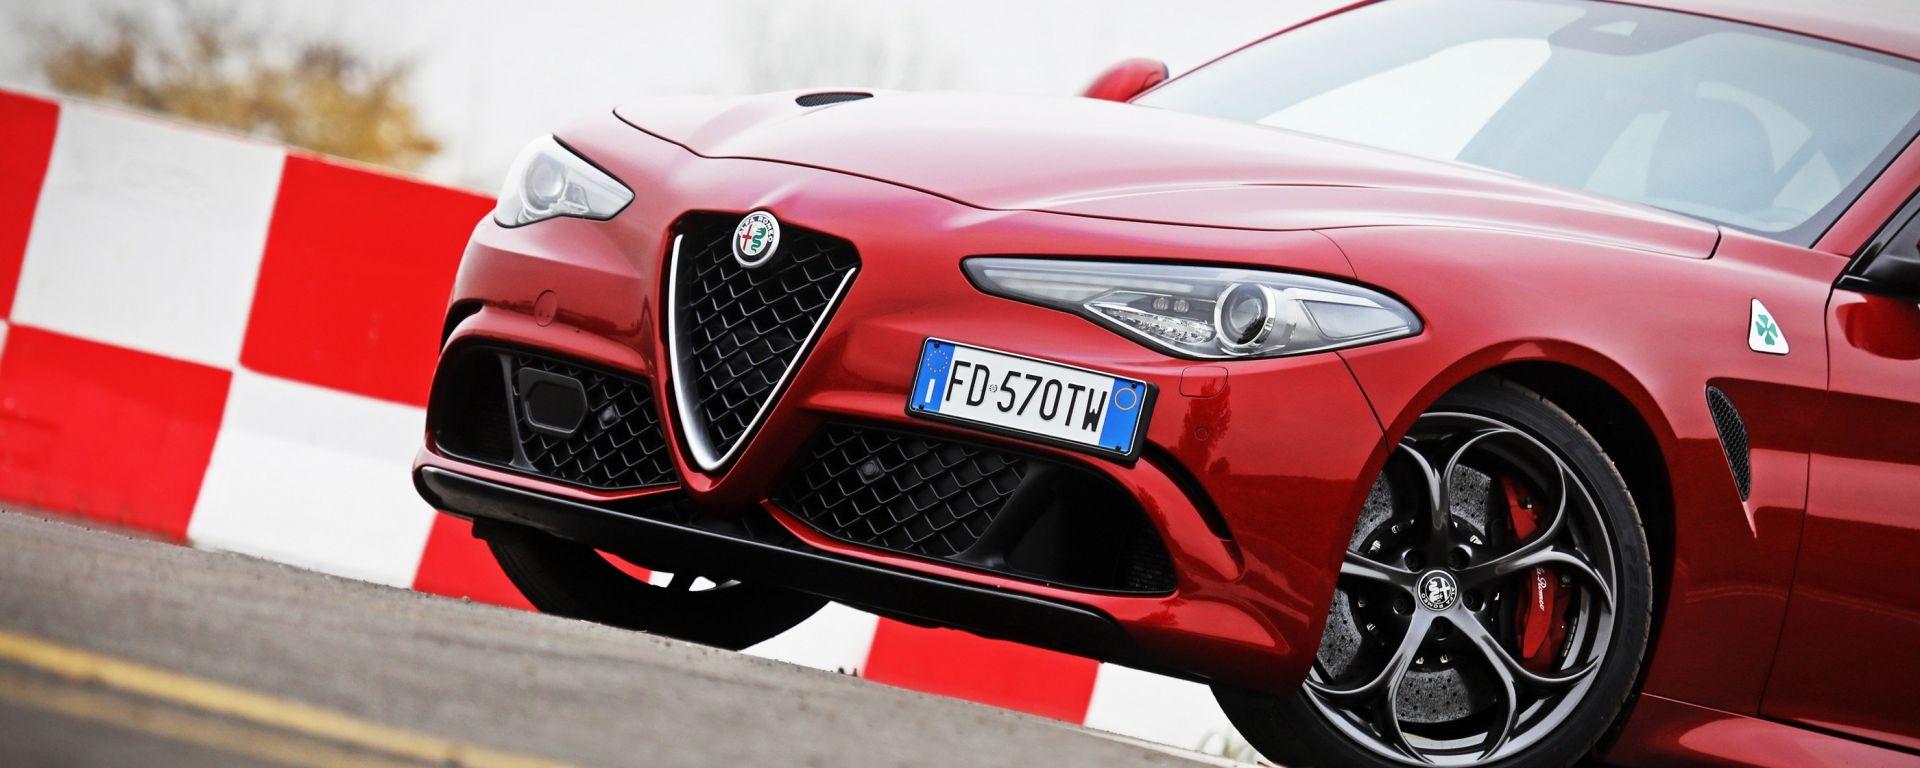 Alfa Romeo Giulia: nuovo riconoscimento per la berlina del Biscione